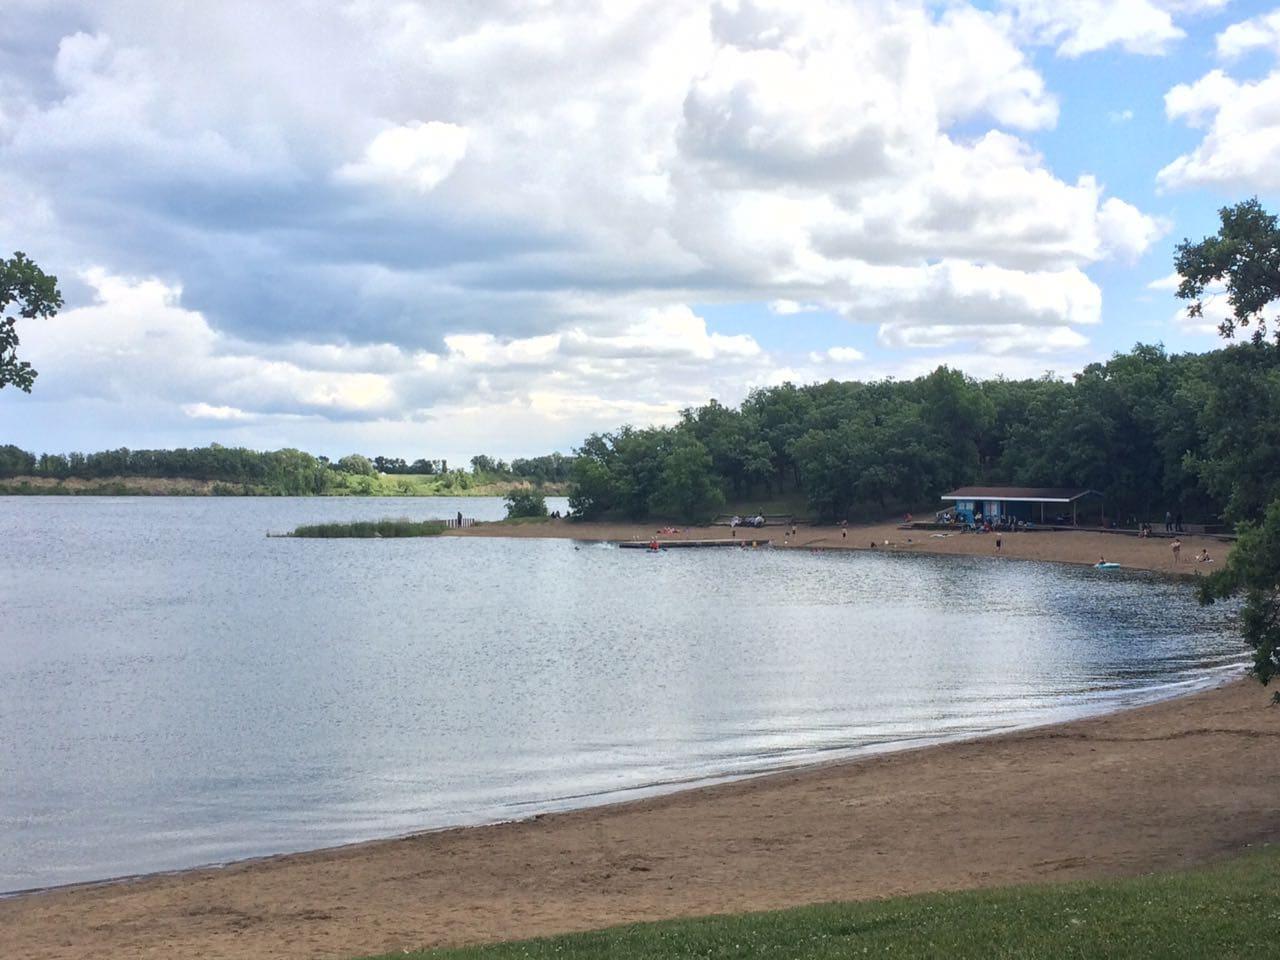 Colert Beach at Lake Minnewasta